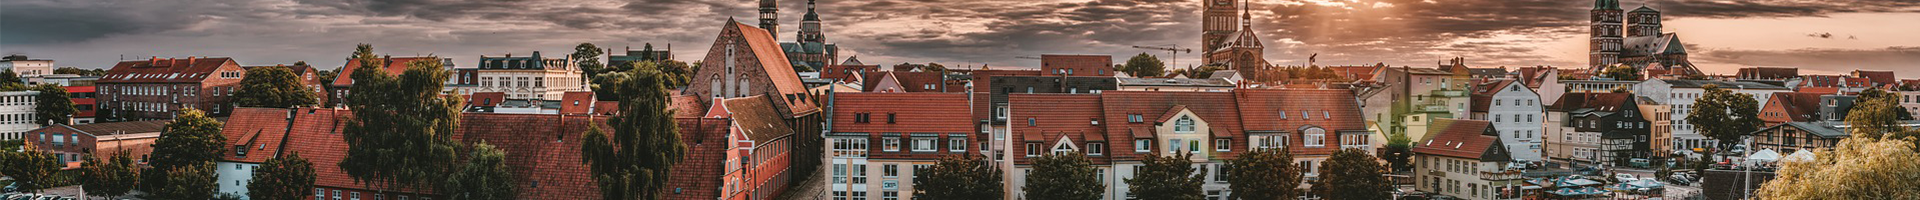 Städte - Web-Vorpommern.de